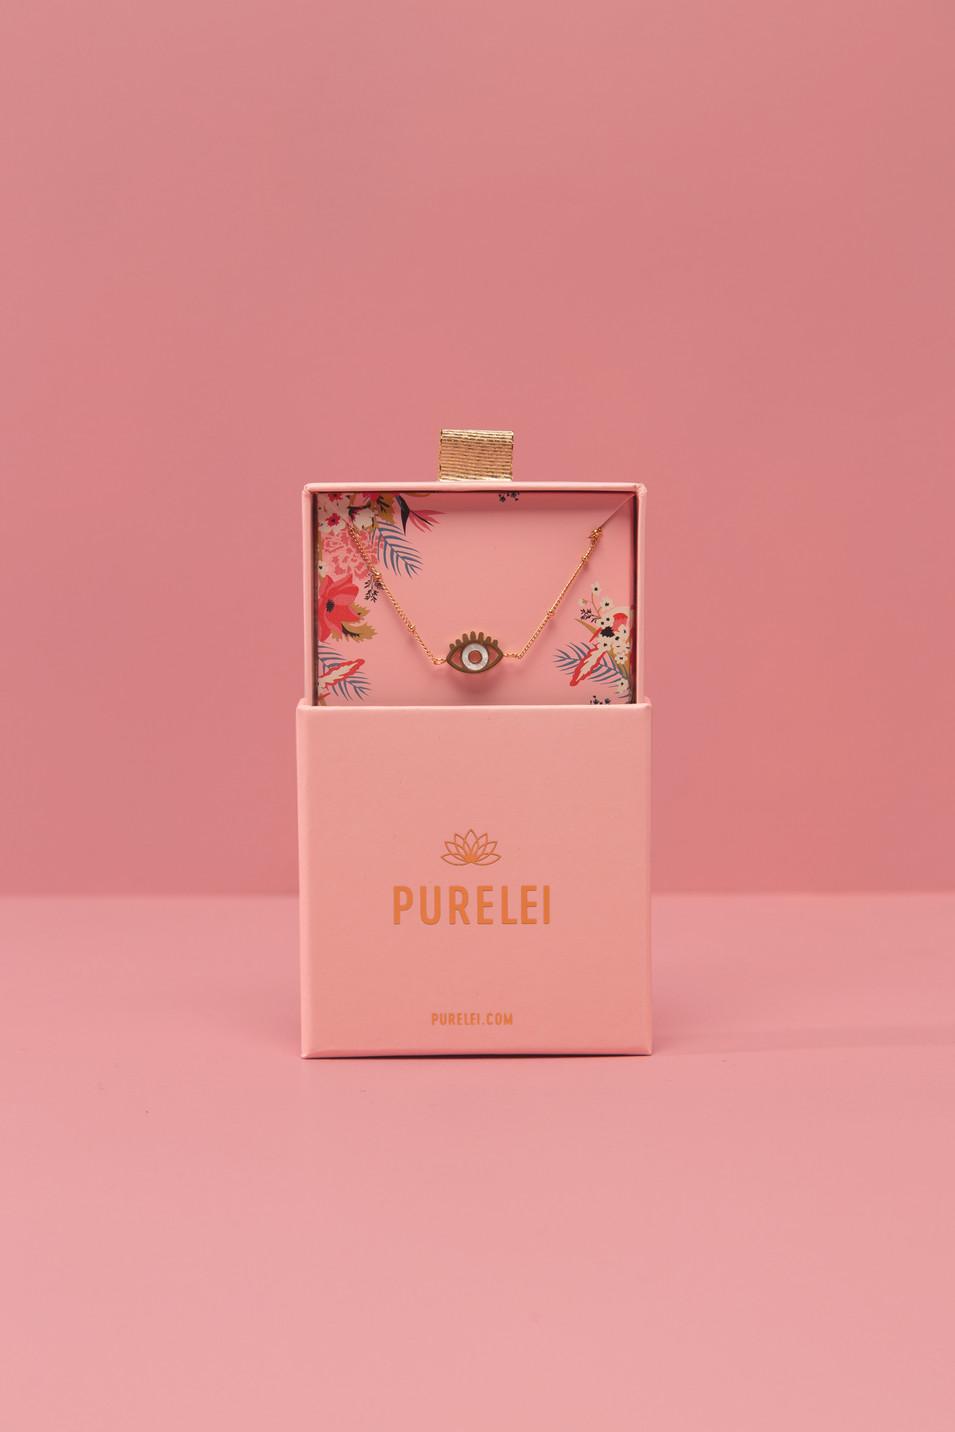 PURELEI-DesignstudioBOB-5.jpg